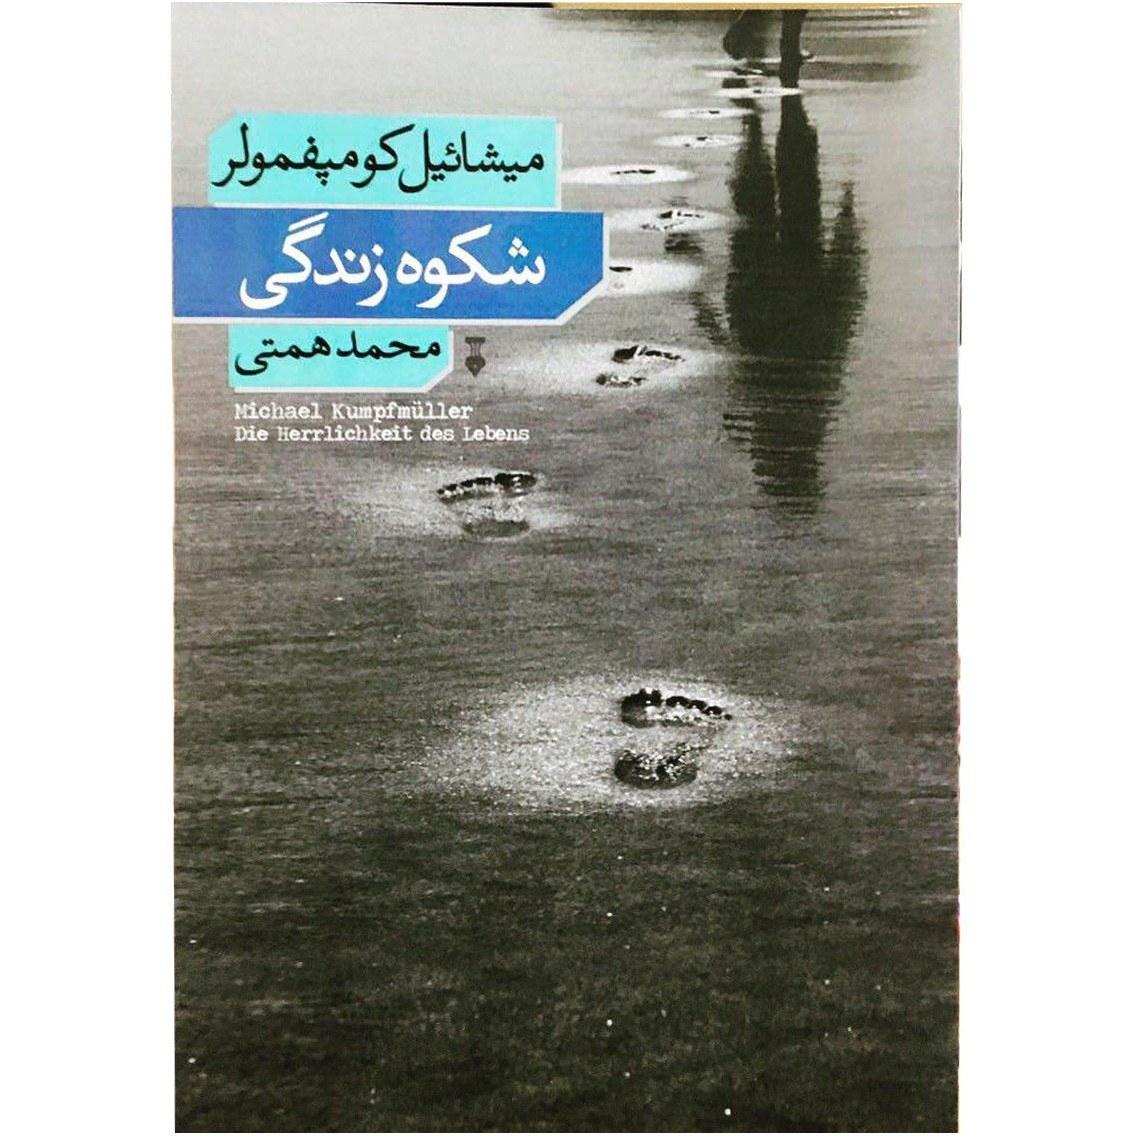 کتاب شکوه زندگی اثر میشائیل کومپفمولر